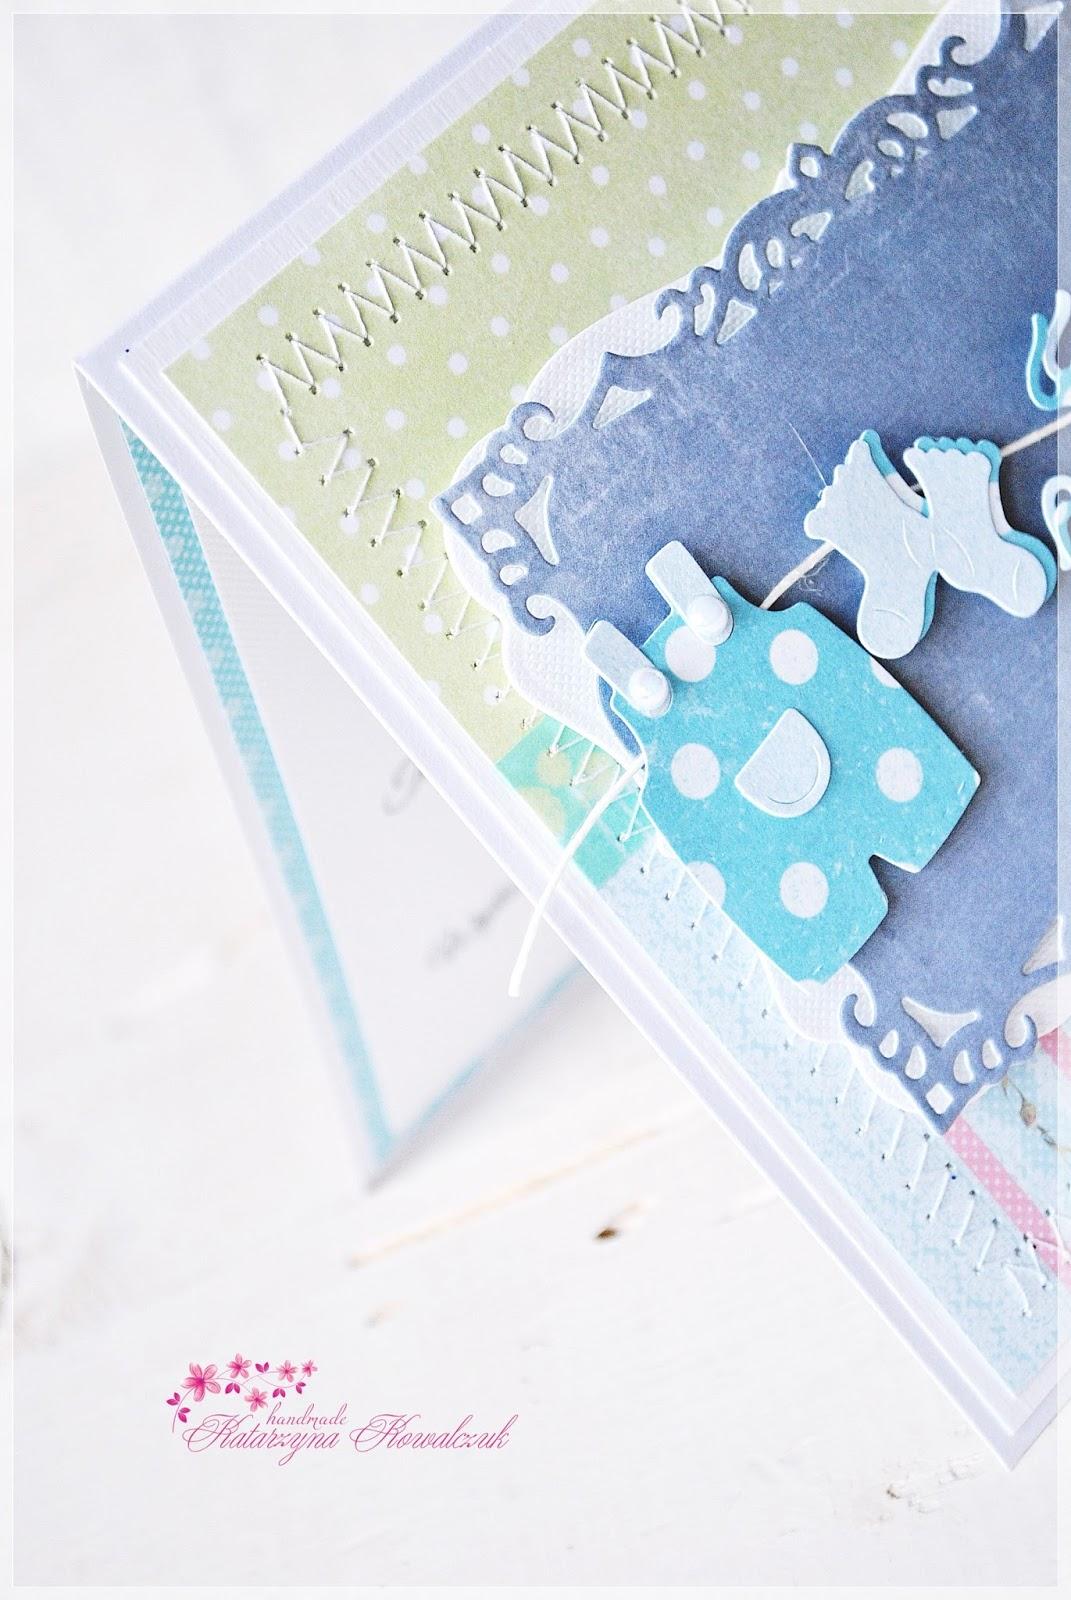 kartka, zapytanie o bycie rodzicem chrzestnym scrapbooking